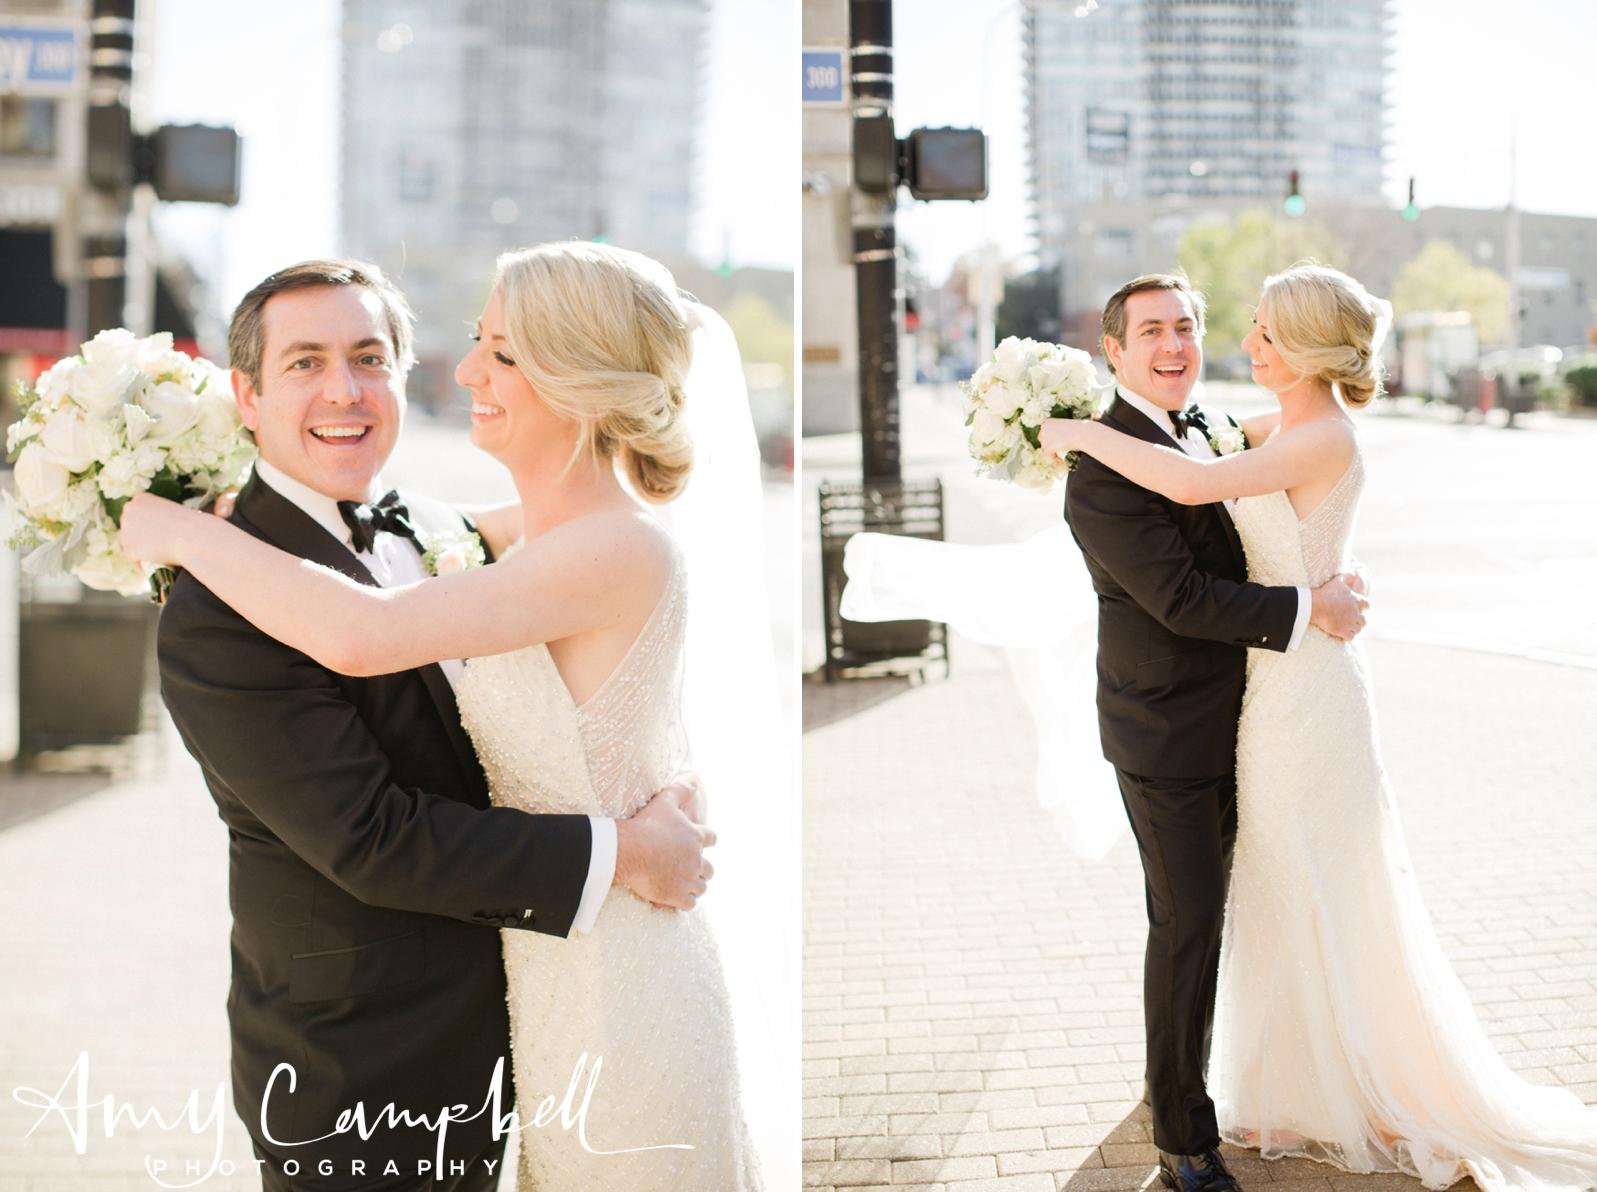 emmakyle_wedding_fb_amycampbellphotography_0022.jpg